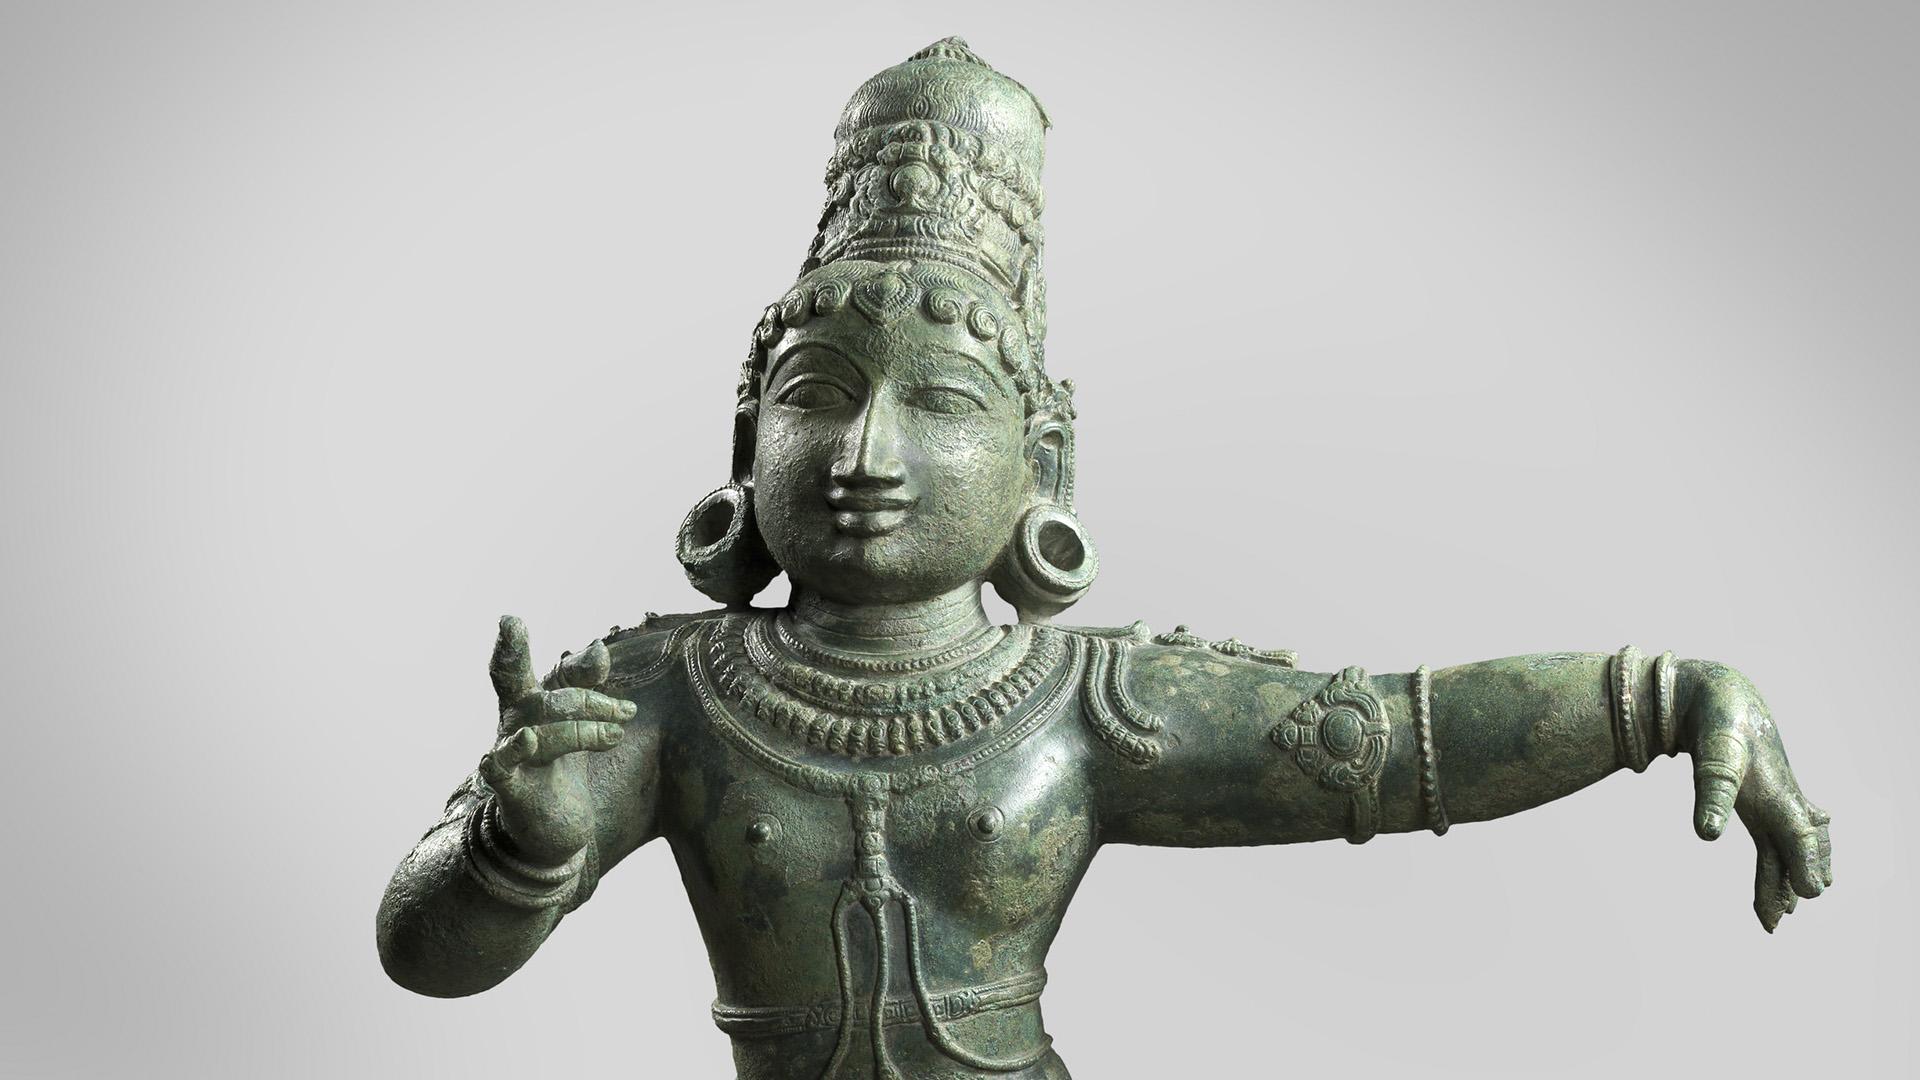 Australia To Return 14 Artifacts To India